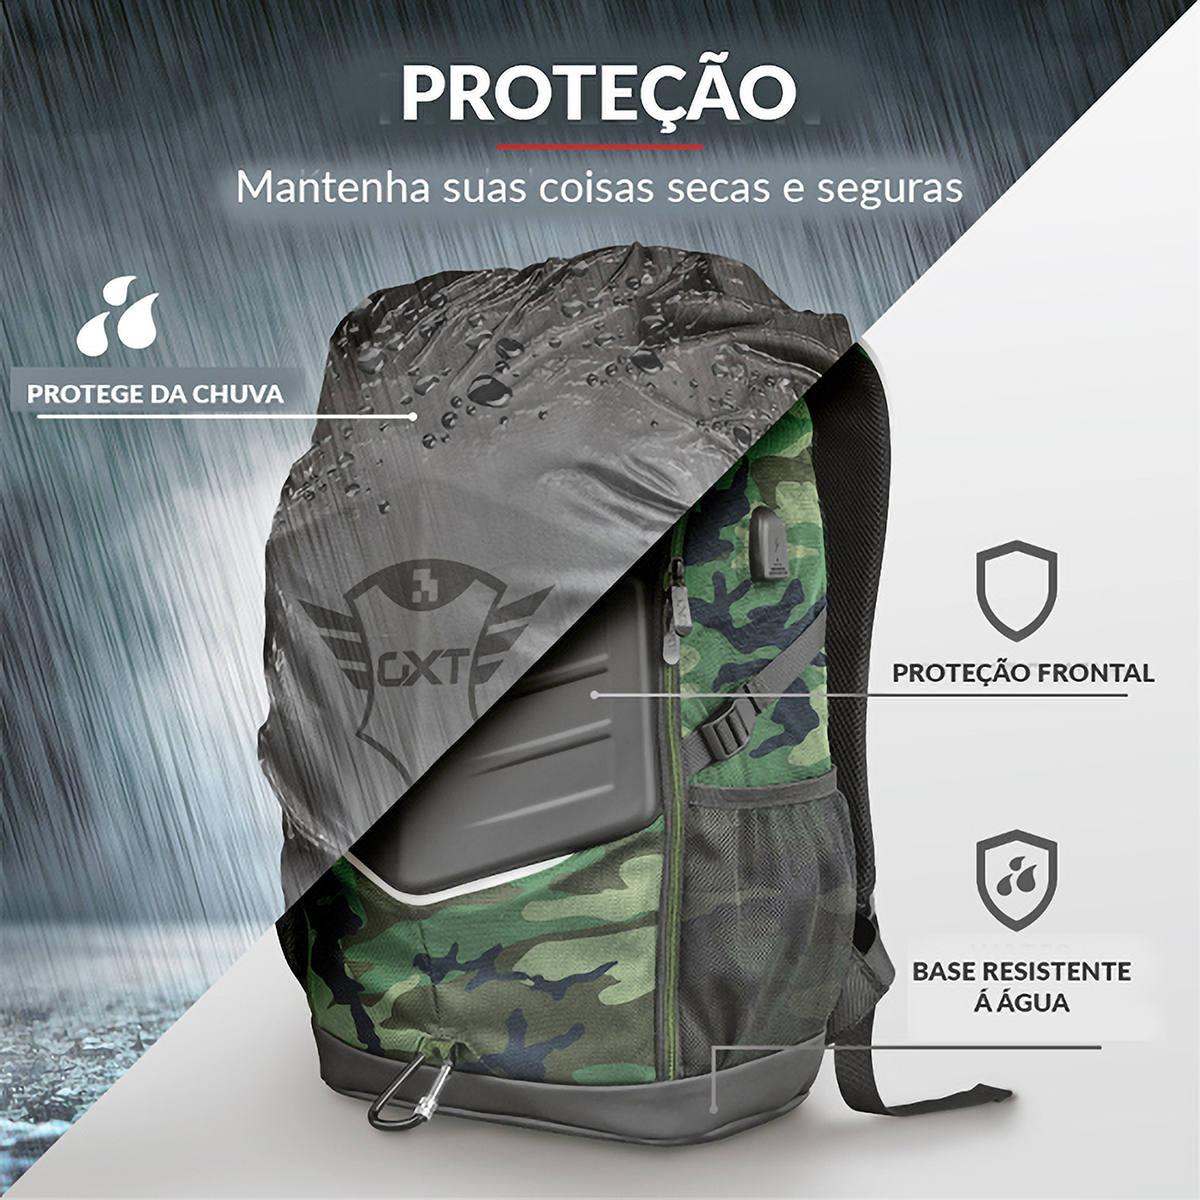 Mochila para Notebook 15,6 Frontal Reforçada Vários Compartimentos Porta USB Capa de Chuva Trust GXT 1255 Outlaw Camo